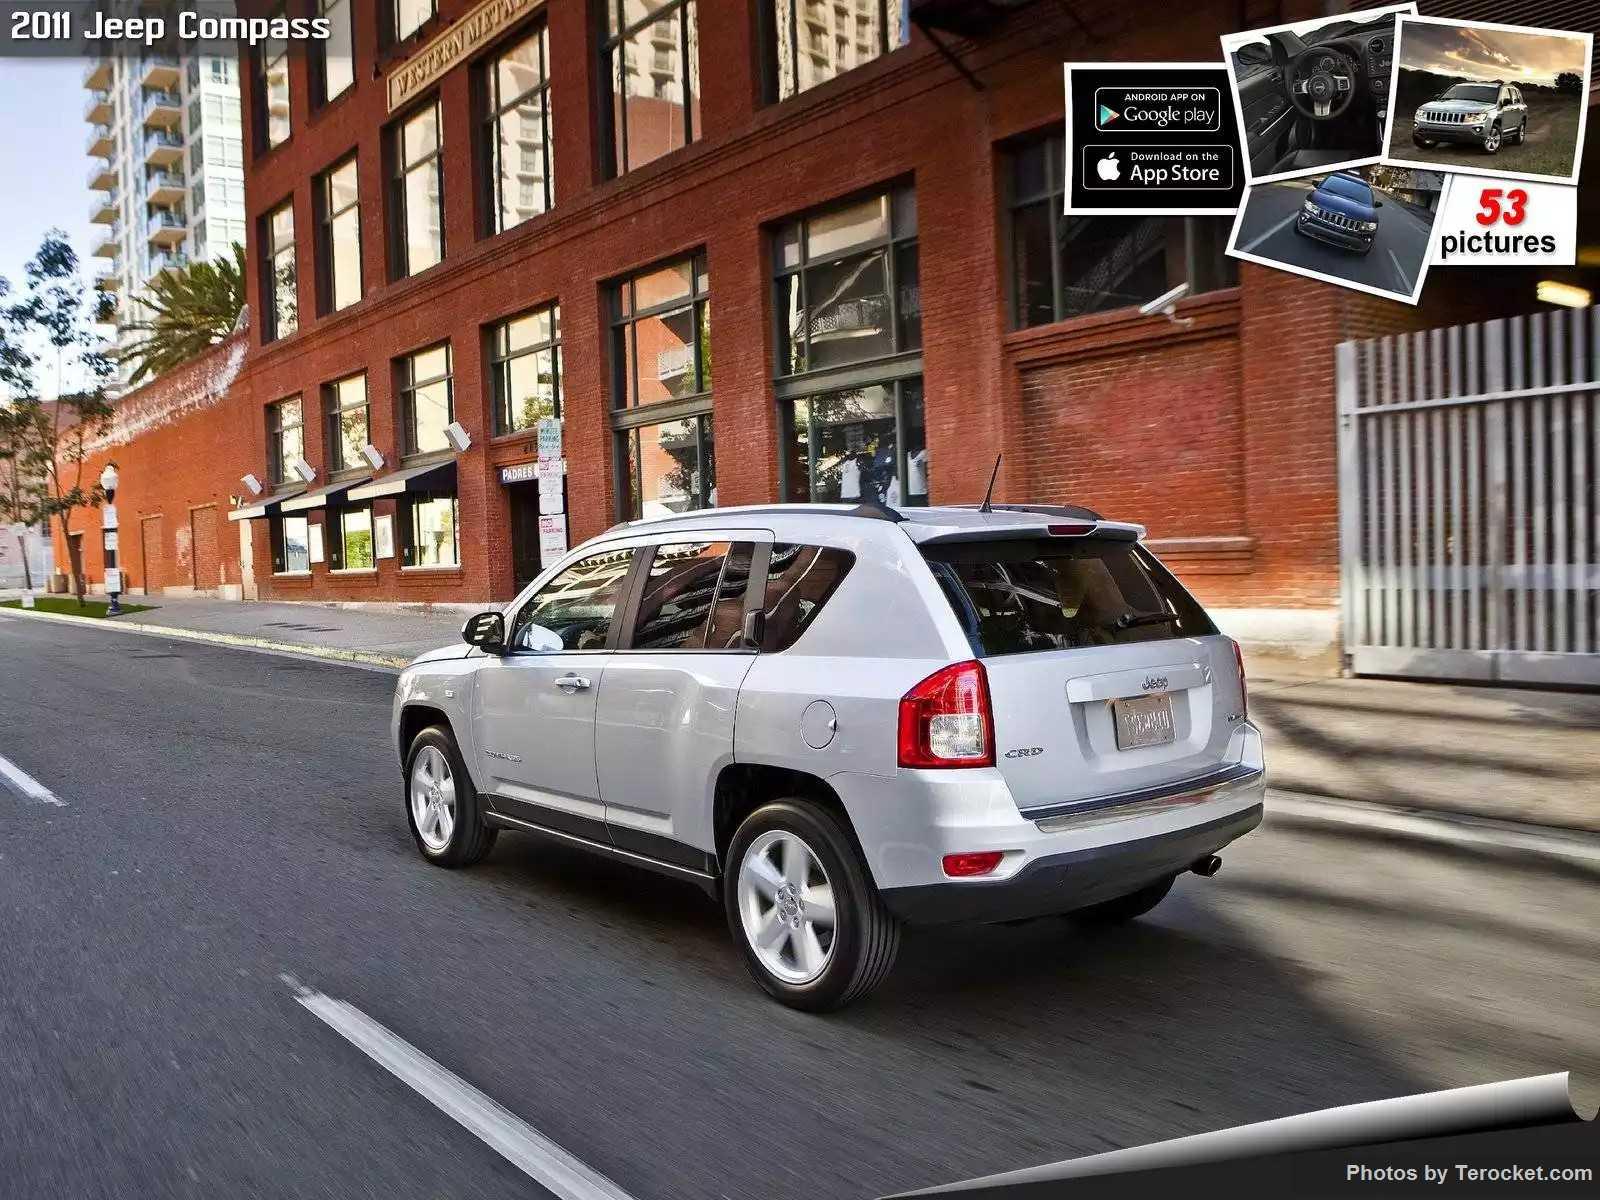 Hình ảnh xe ô tô Jeep Compass 2011 & nội ngoại thất